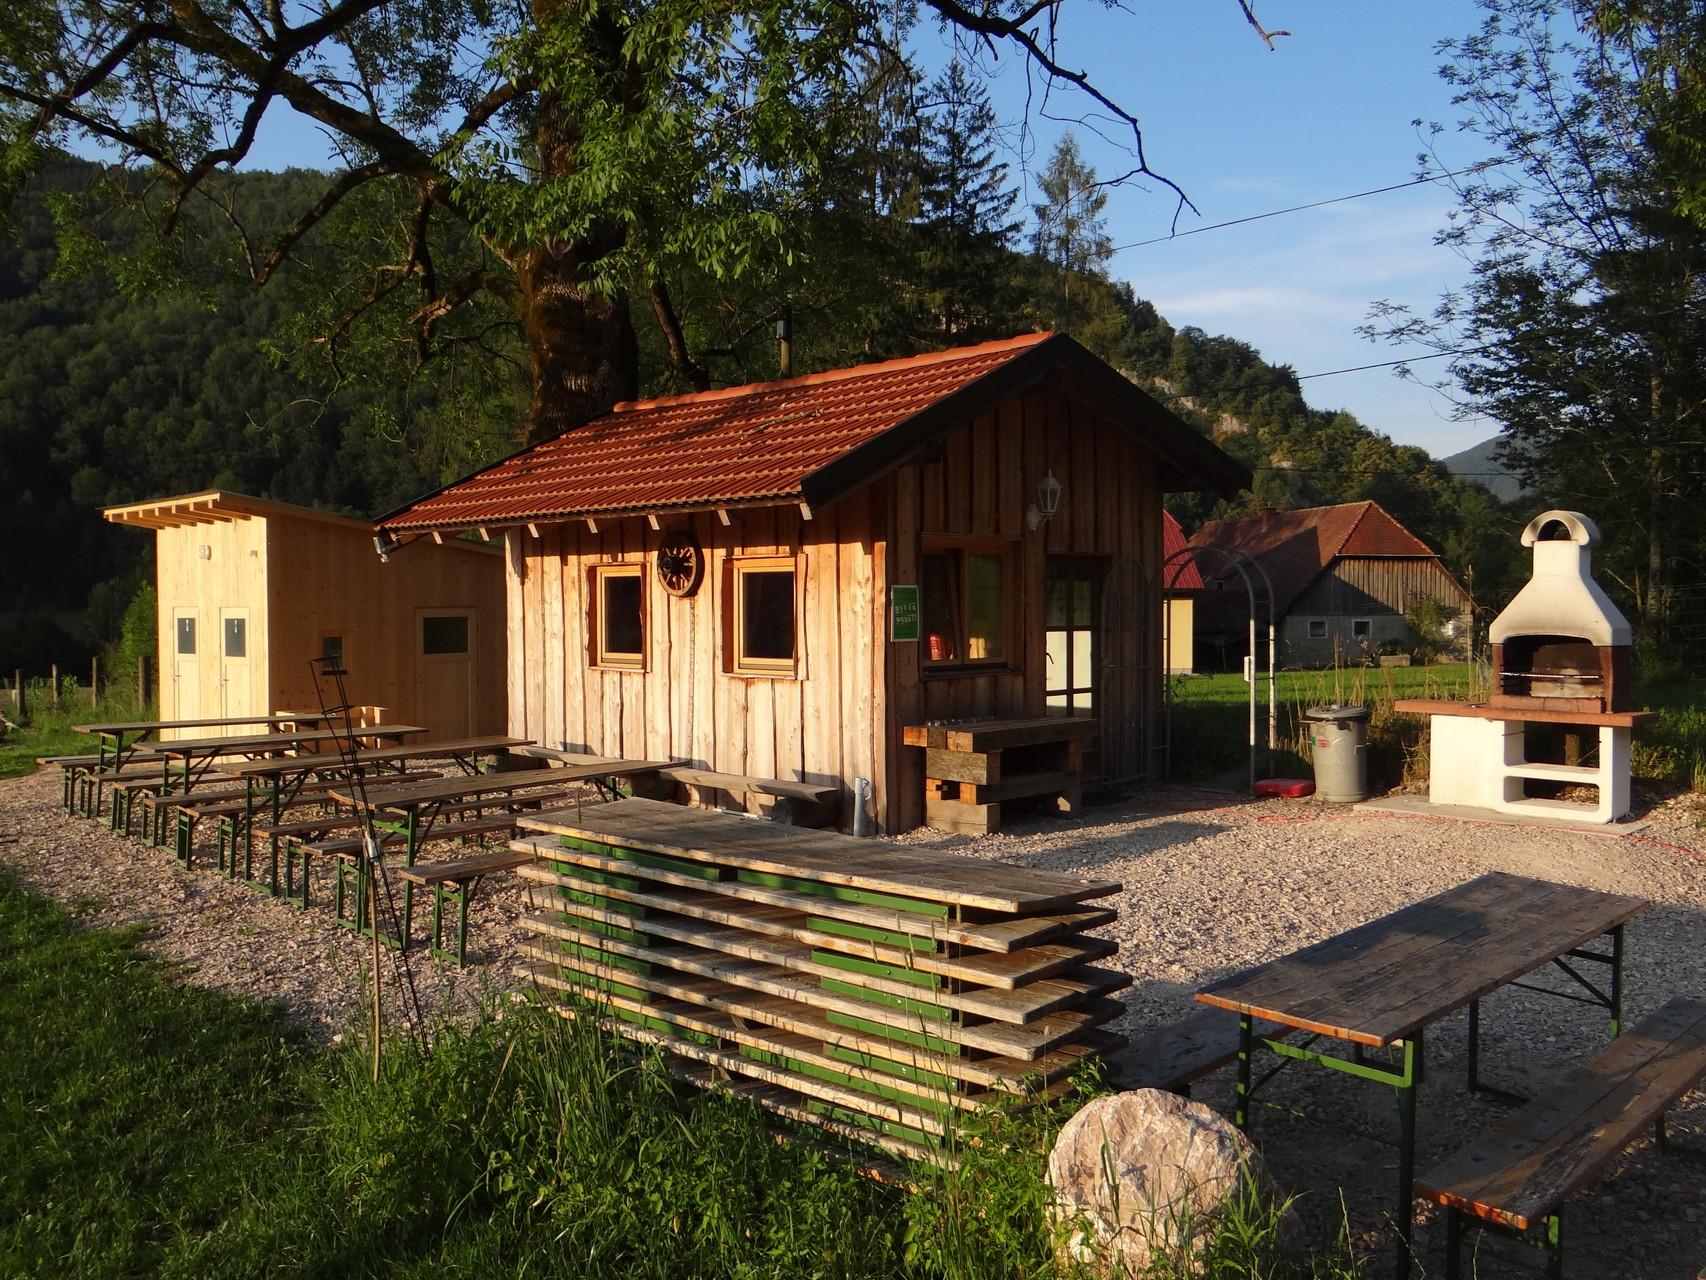 Flößerdorf Grillhütte 2